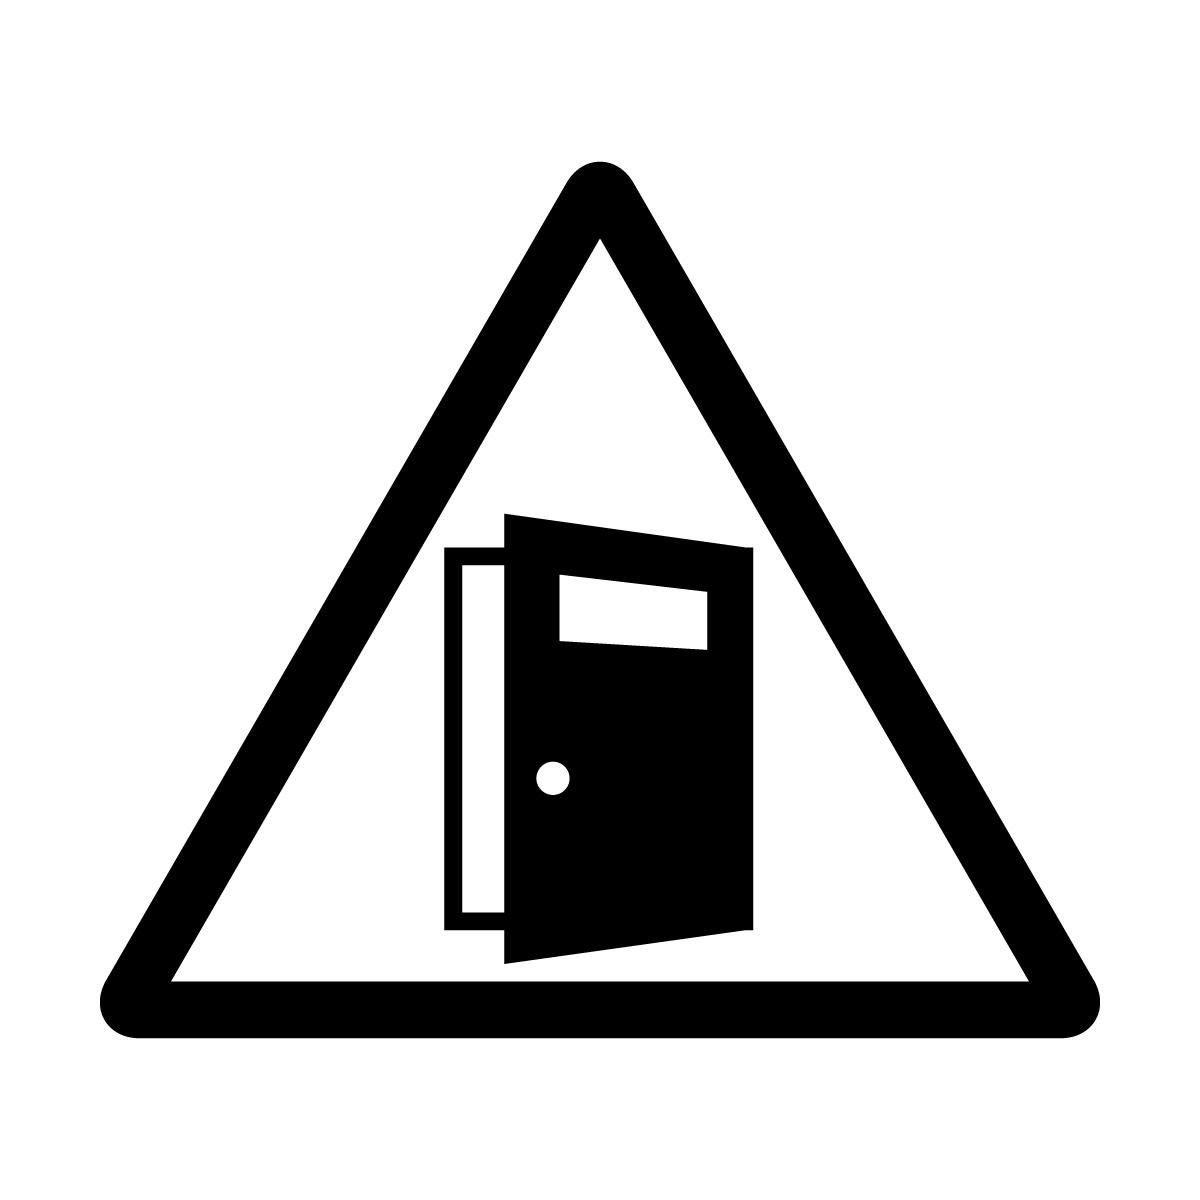 黒色の扉の開放注意マークのカッティングステッカー・シール